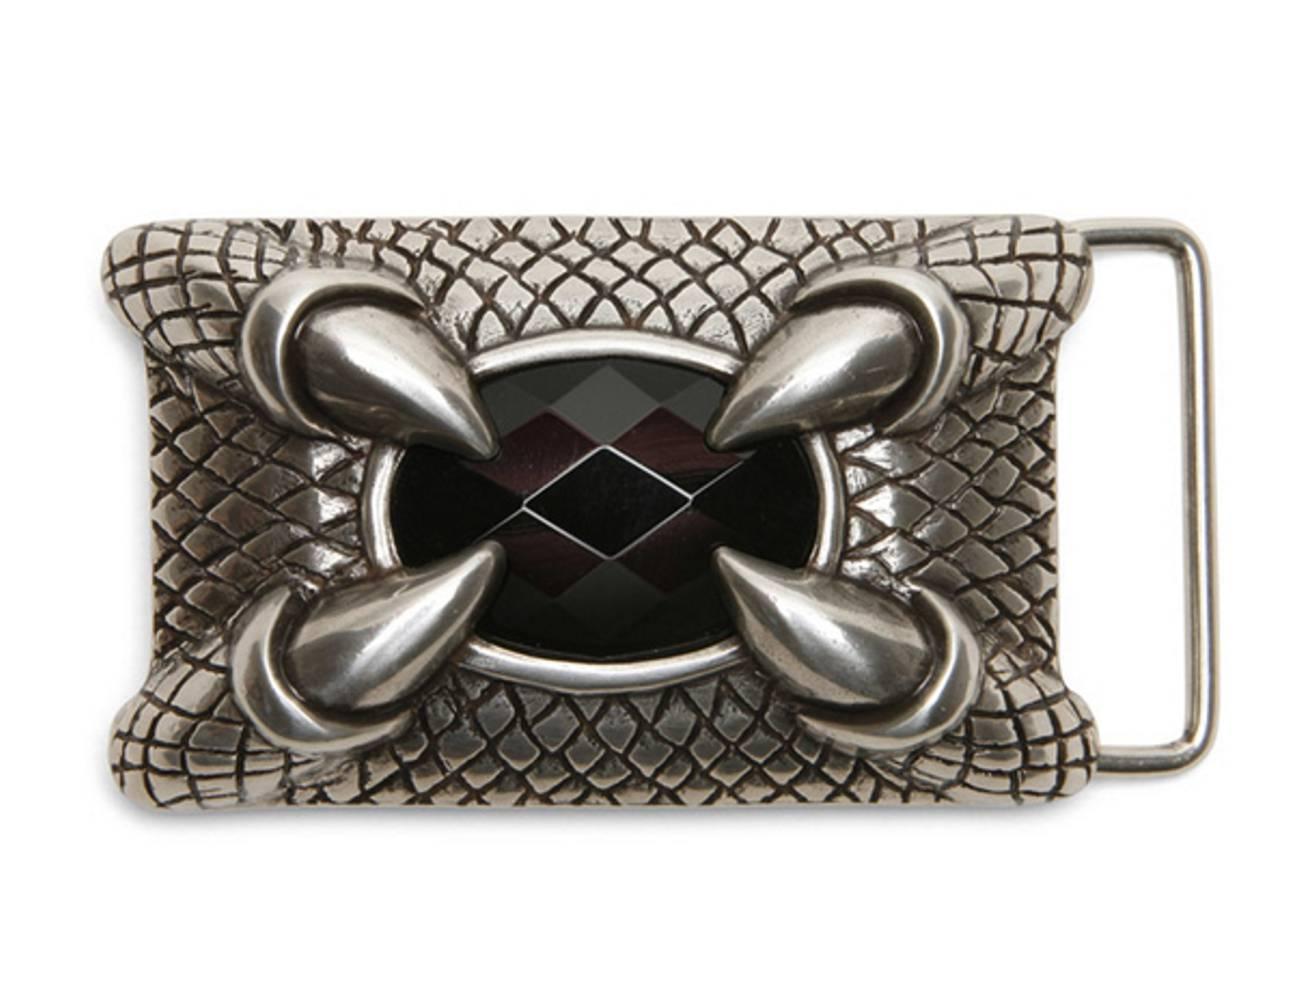 Schließe Buckle Gürtel-Schnalle Dragon Claw Wechselschließe f 4cm Design Gürtel